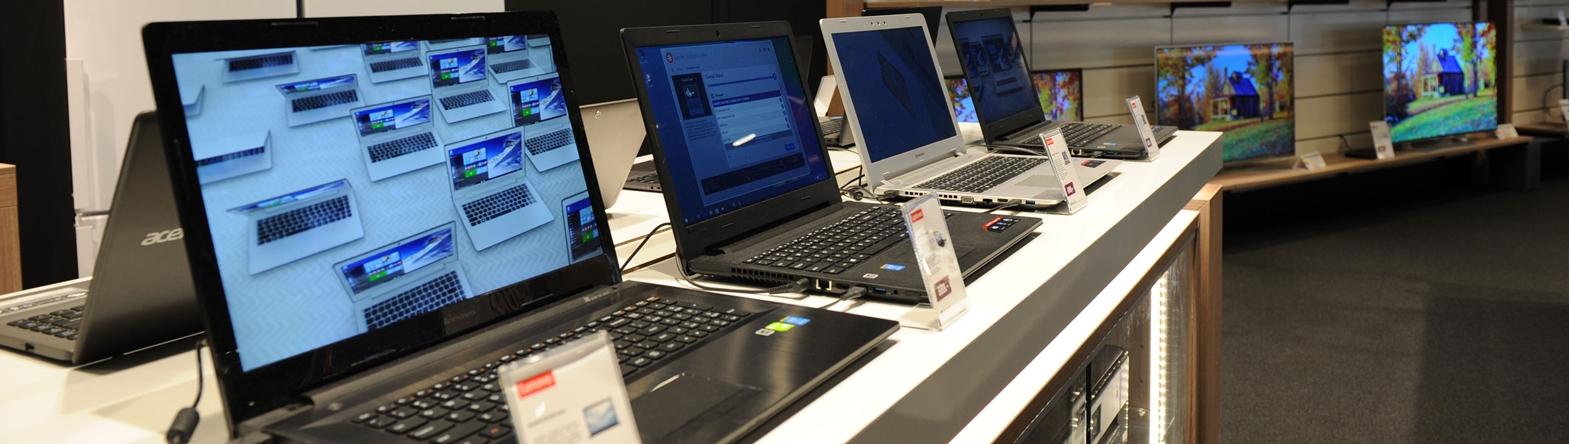 PC accessoire